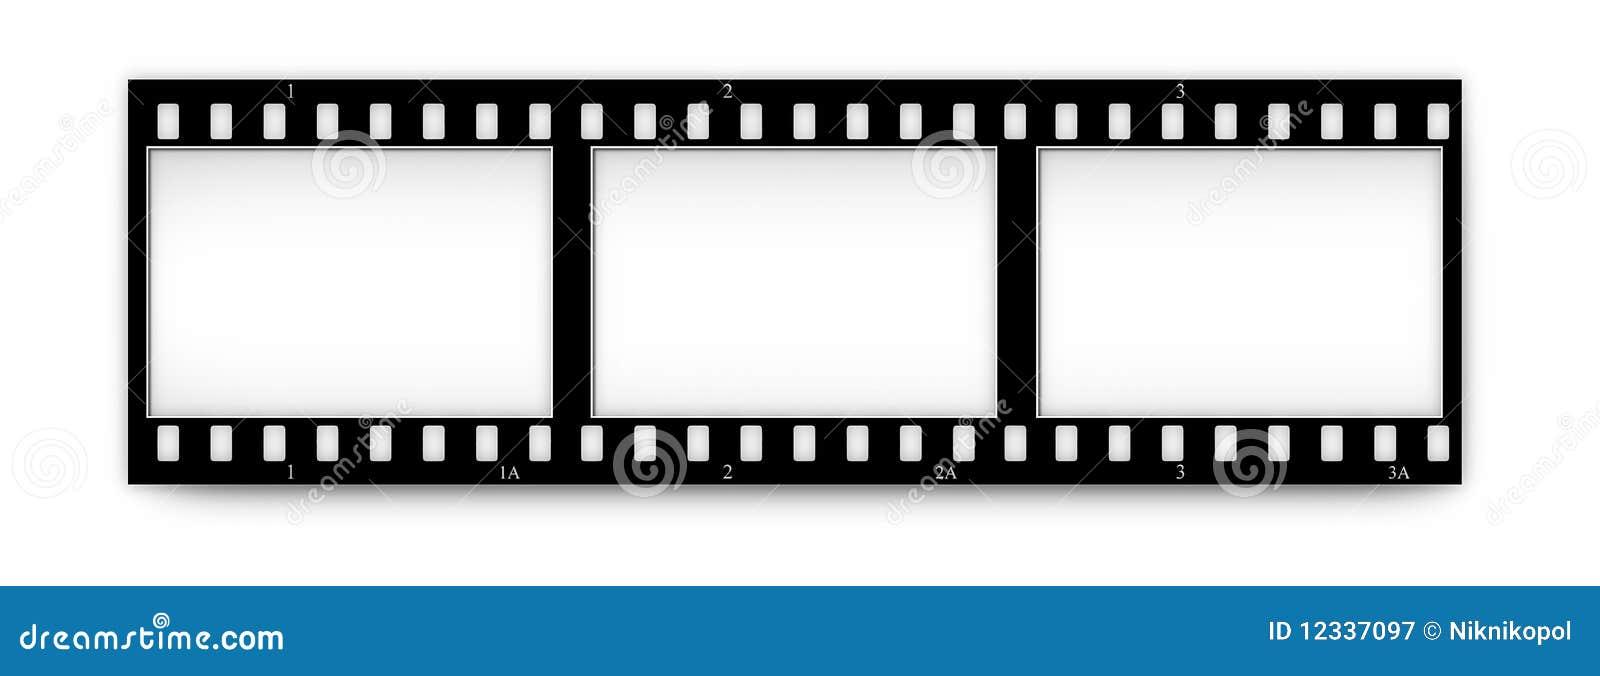 Filme (cromo, delicado) frames (corrediças) com in.frames